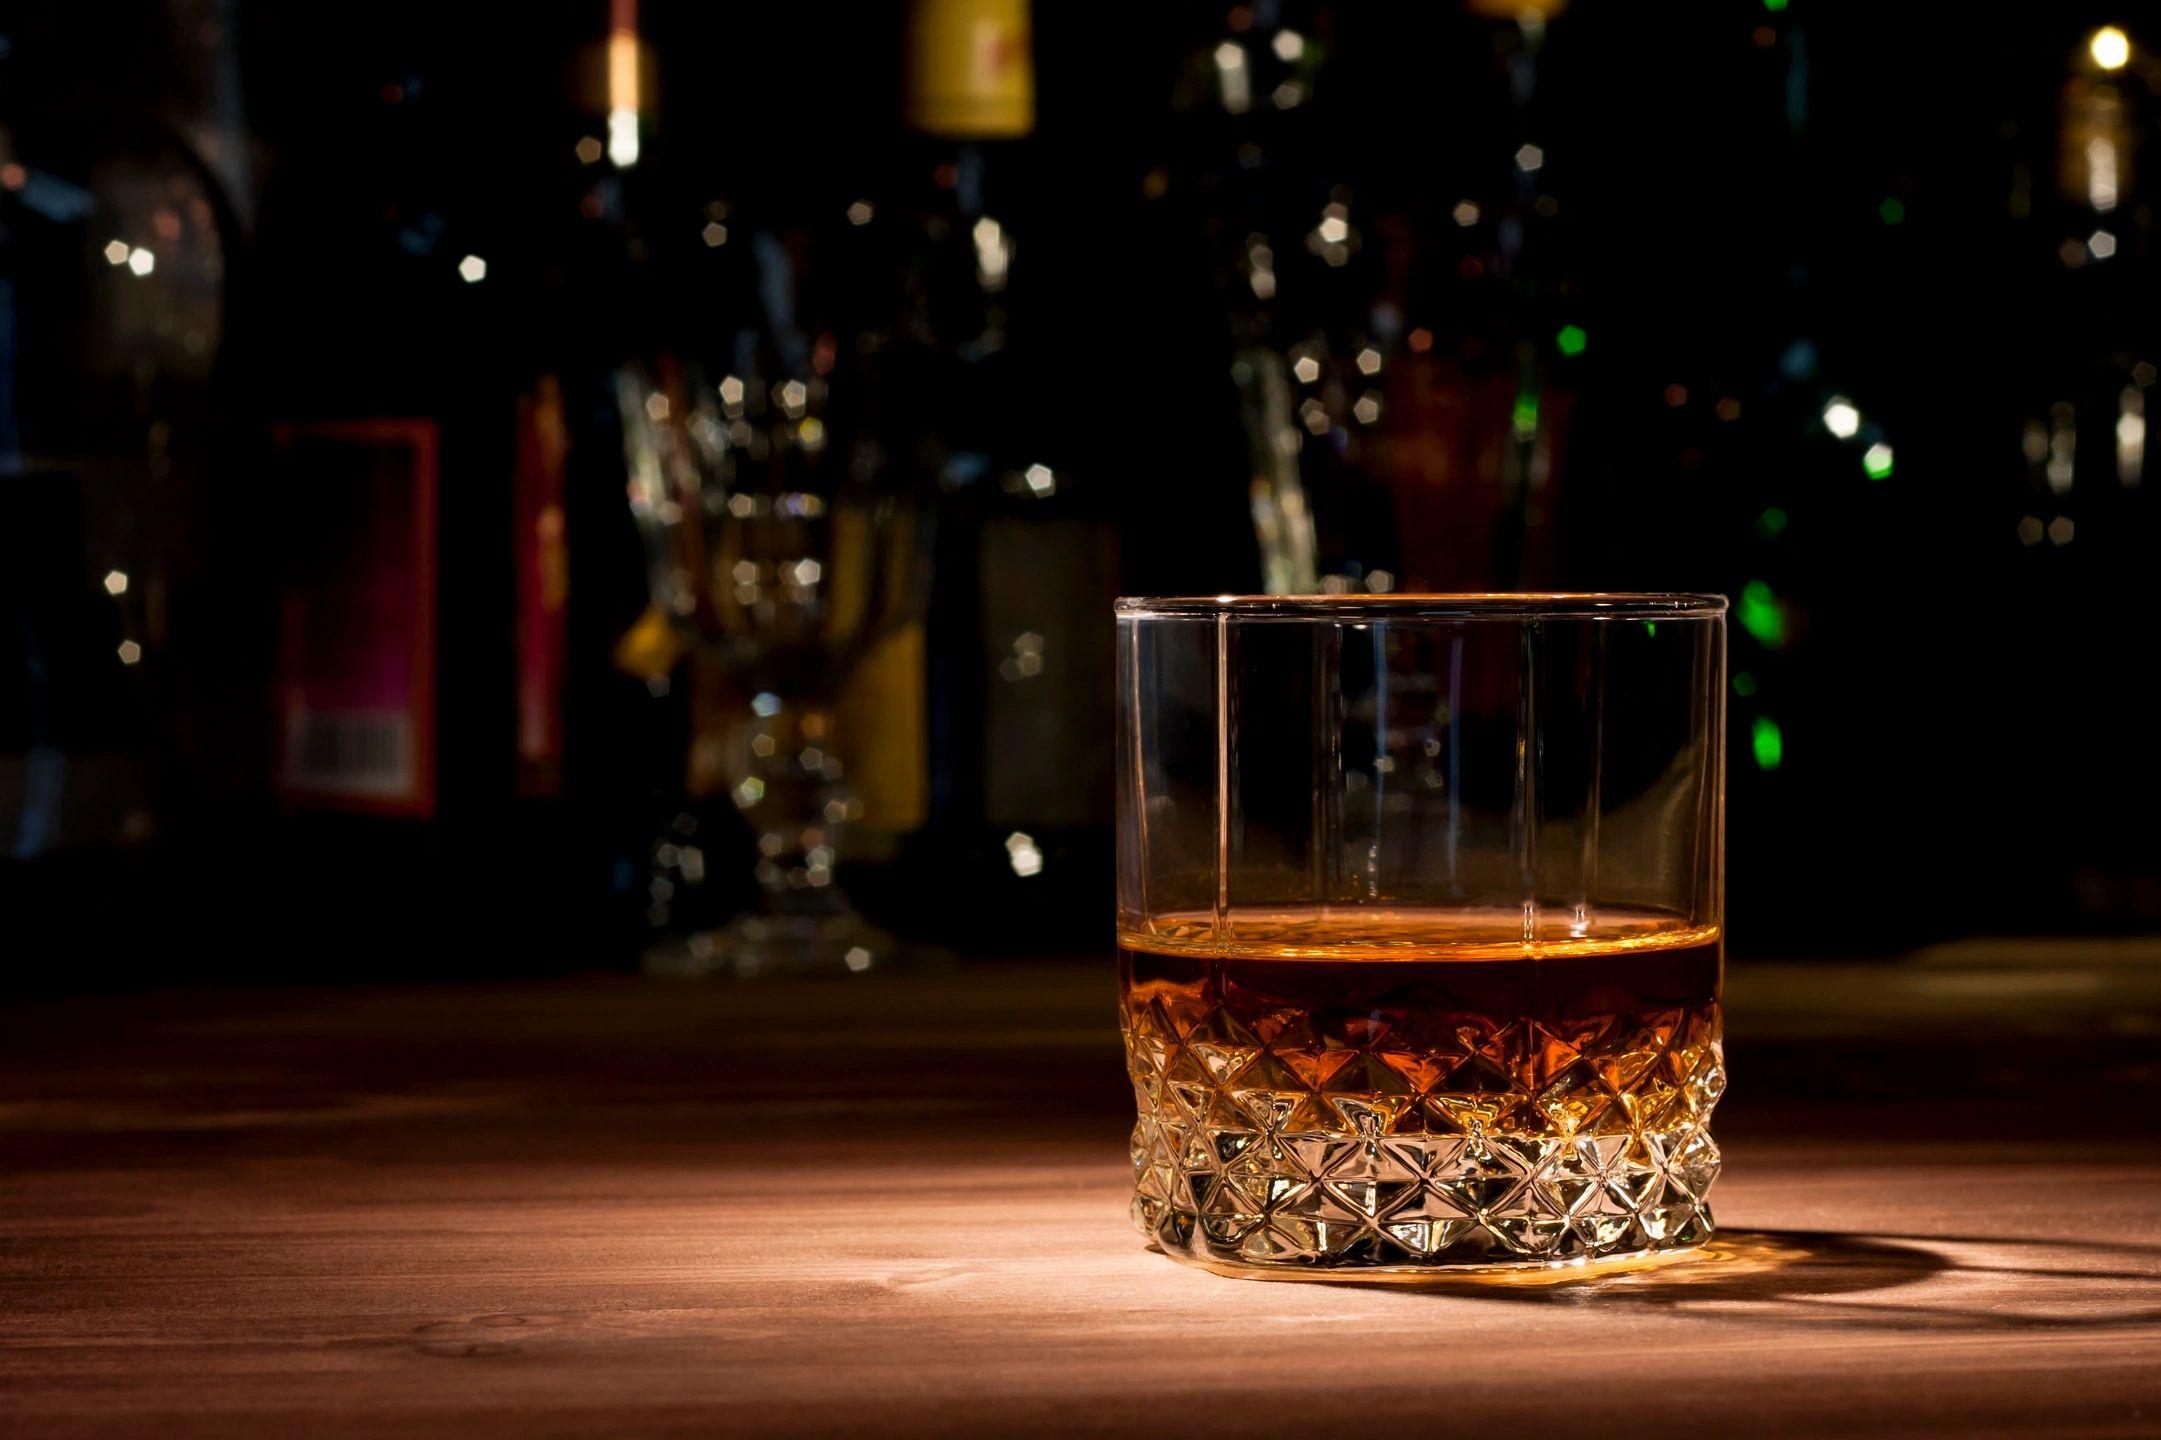 Alcohol Medical Marijuana Don't Mix